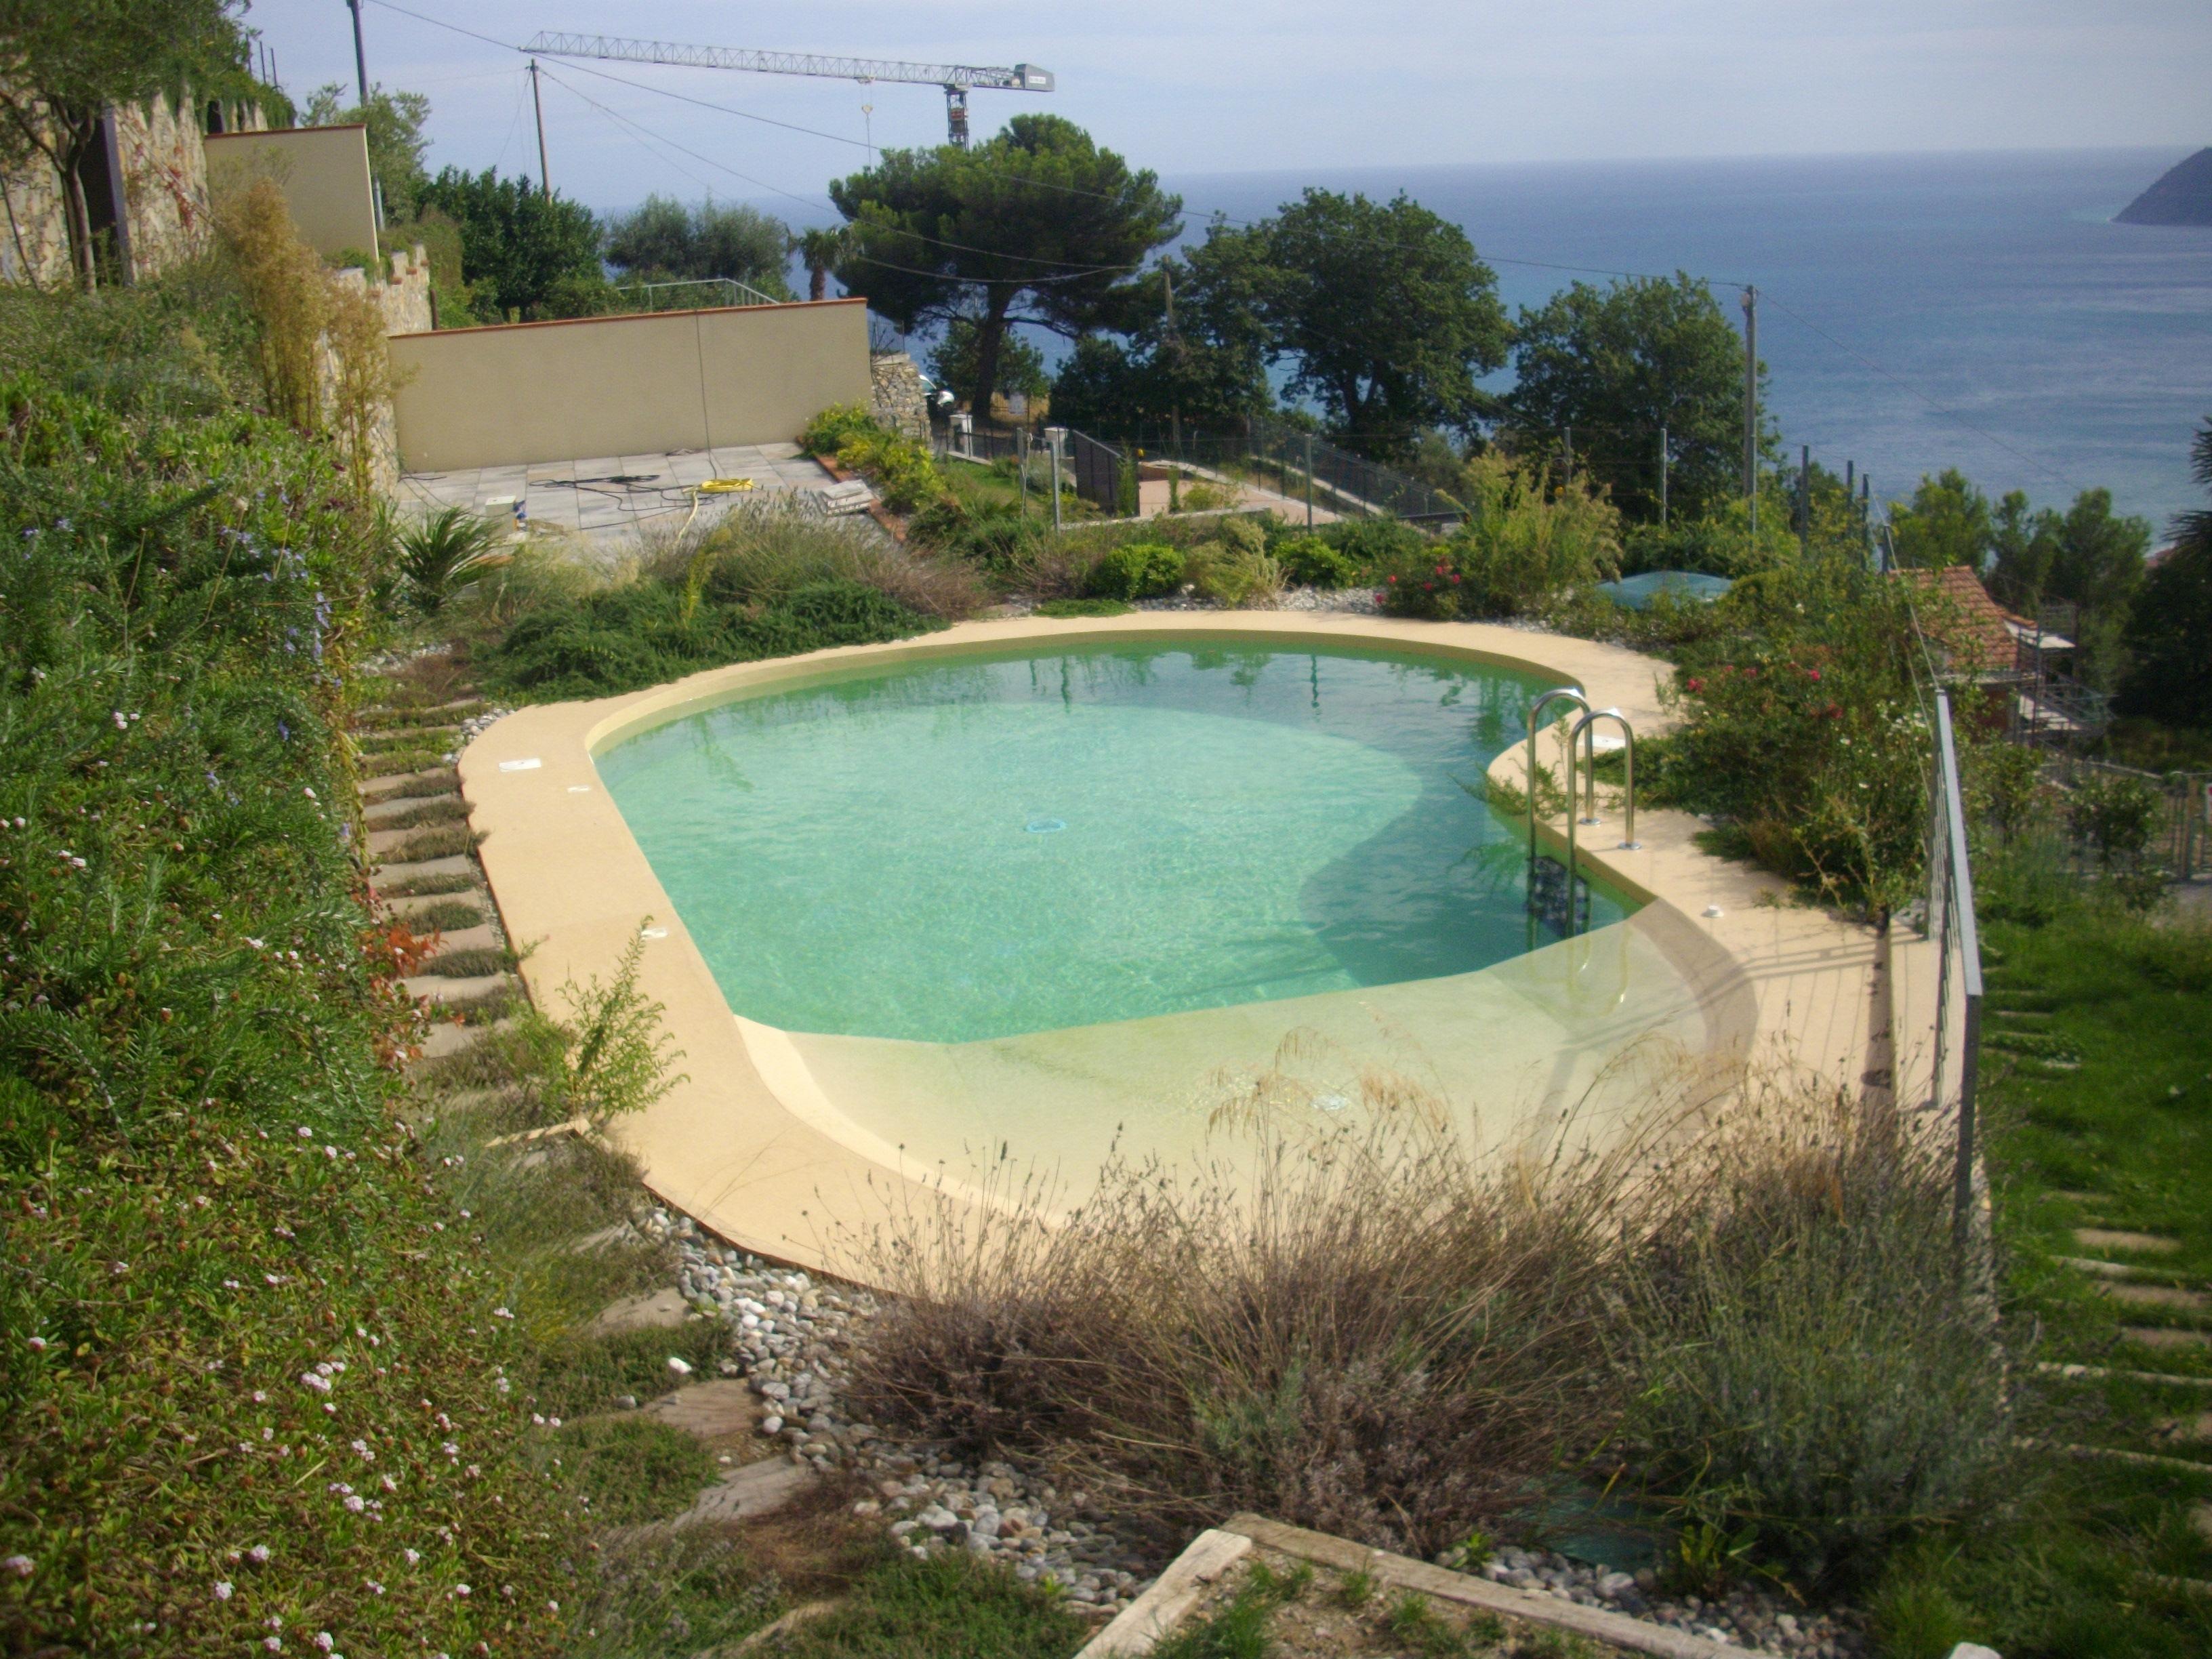 Villa con piscina prima collina alassio home alassio - Villa con piscina ...